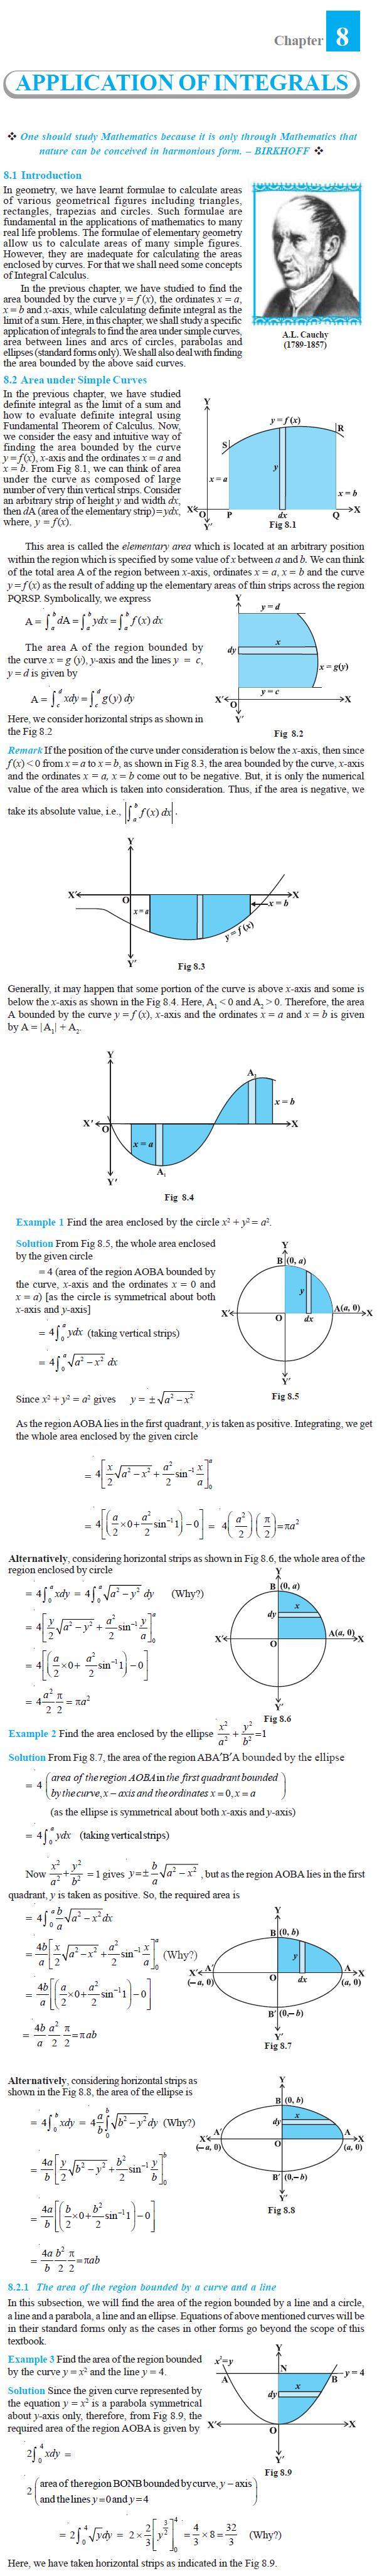 NCERT Class XII Maths Chapter 8 - Application of Integrals